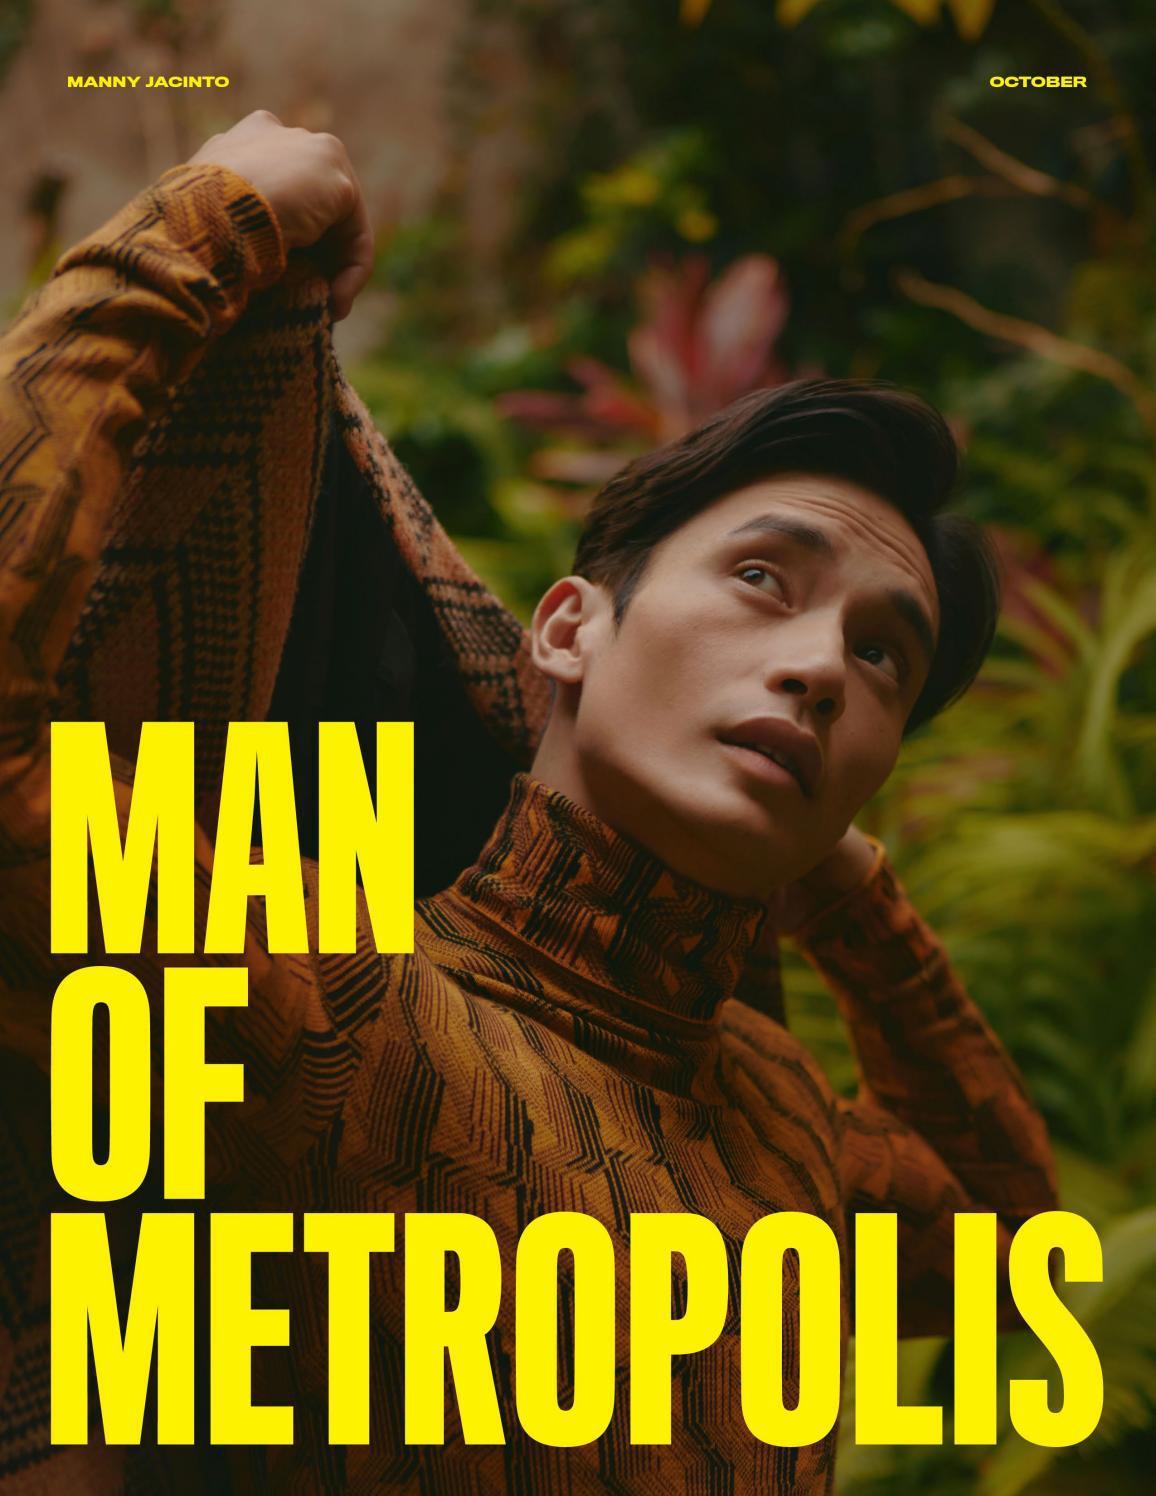 Man of Metropolis - Manny Jacinto, October 2021